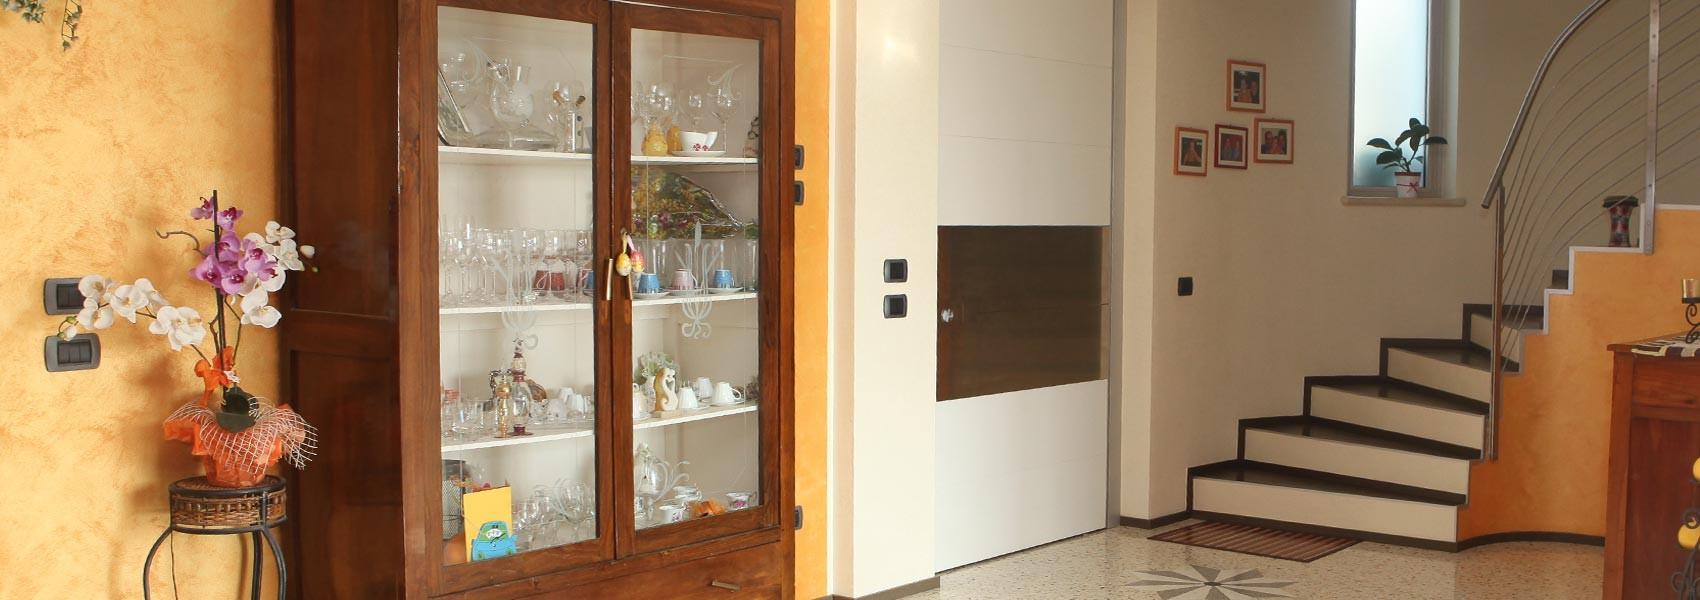 Produzione di porte interne di legno a Villafranca Verona